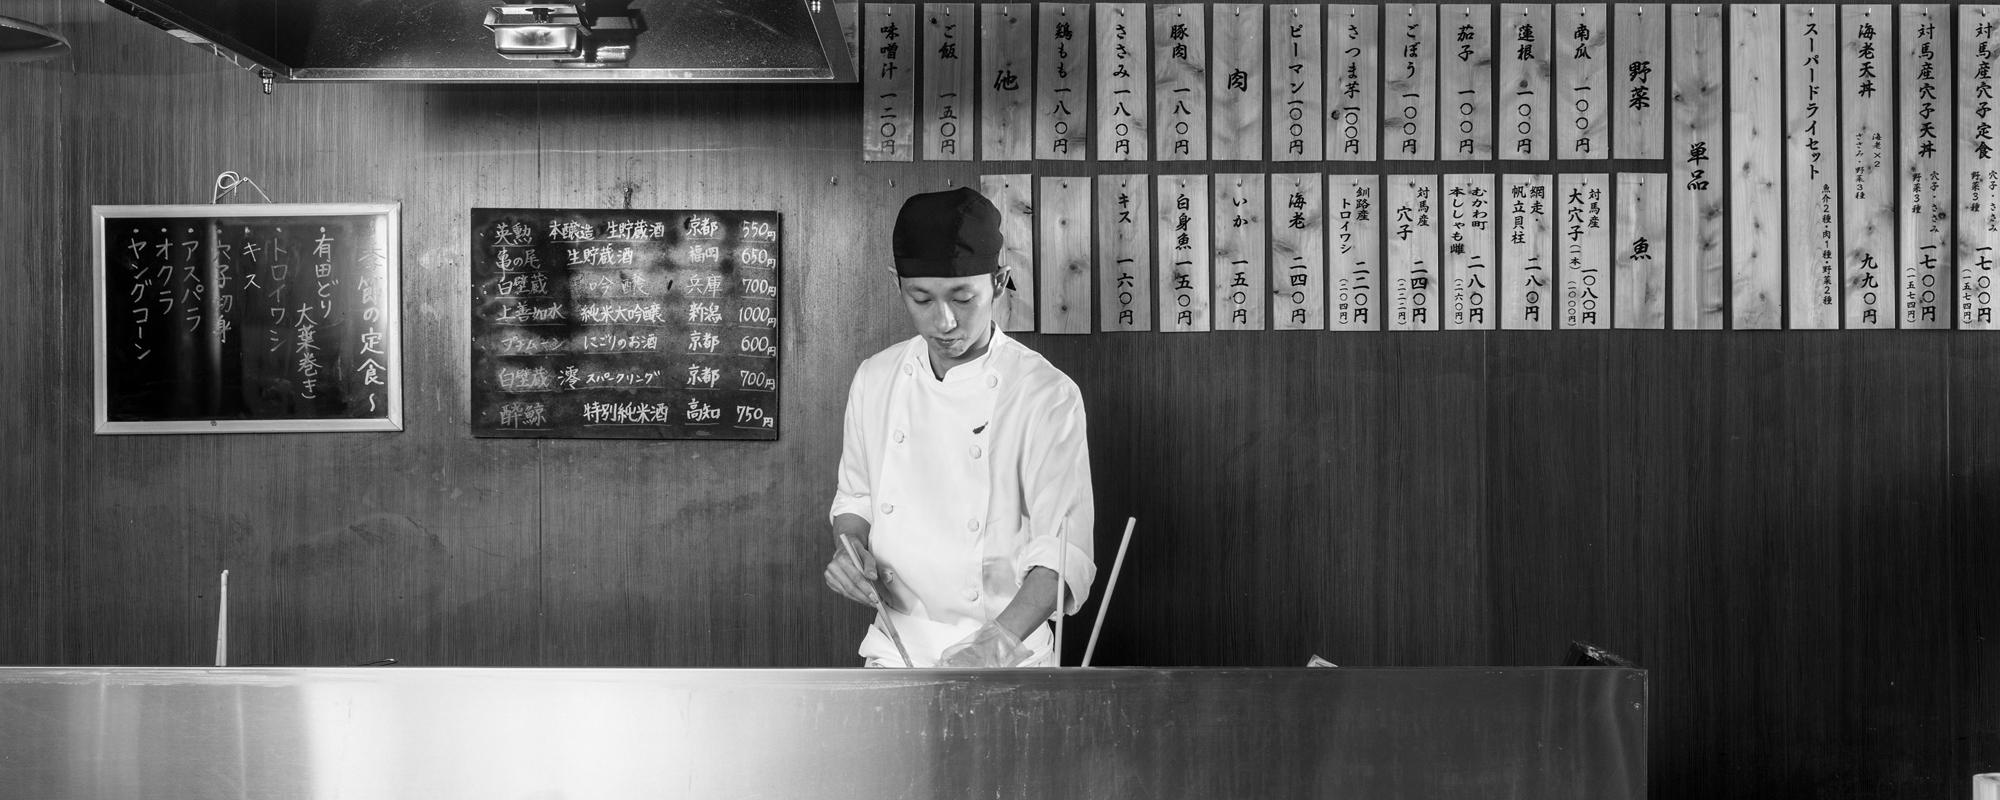 天ぷらたかおのサービス